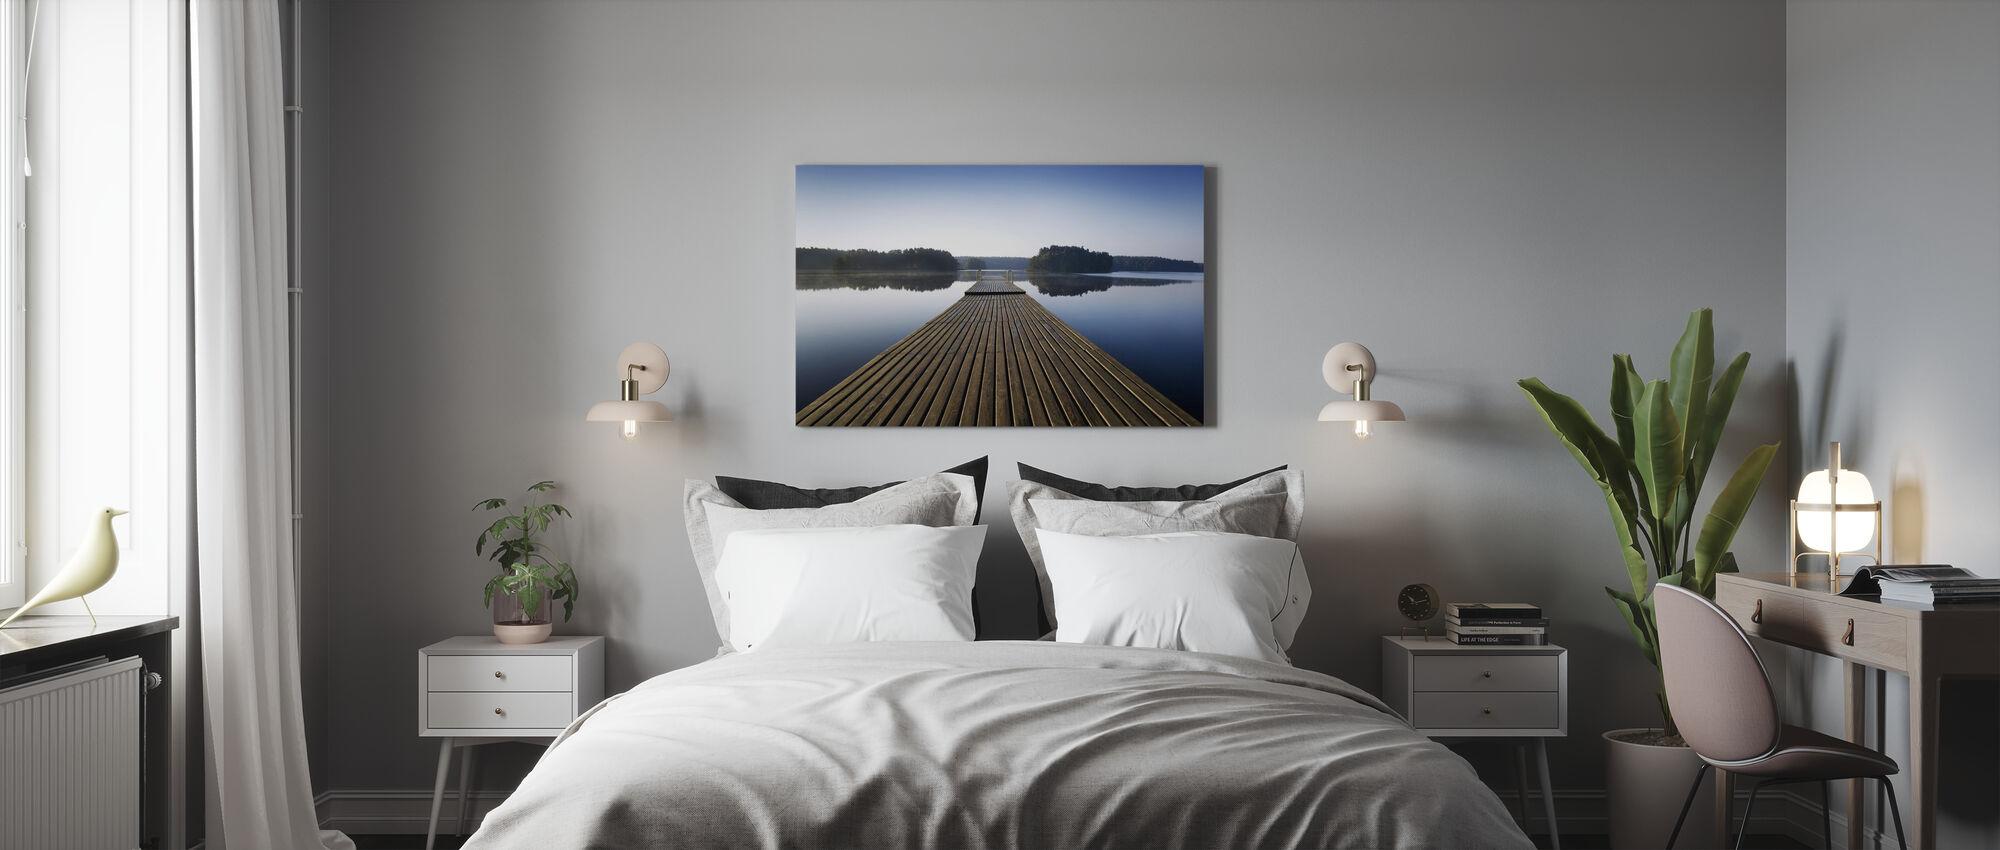 Pier en bois au matin - Impression sur toile - Chambre